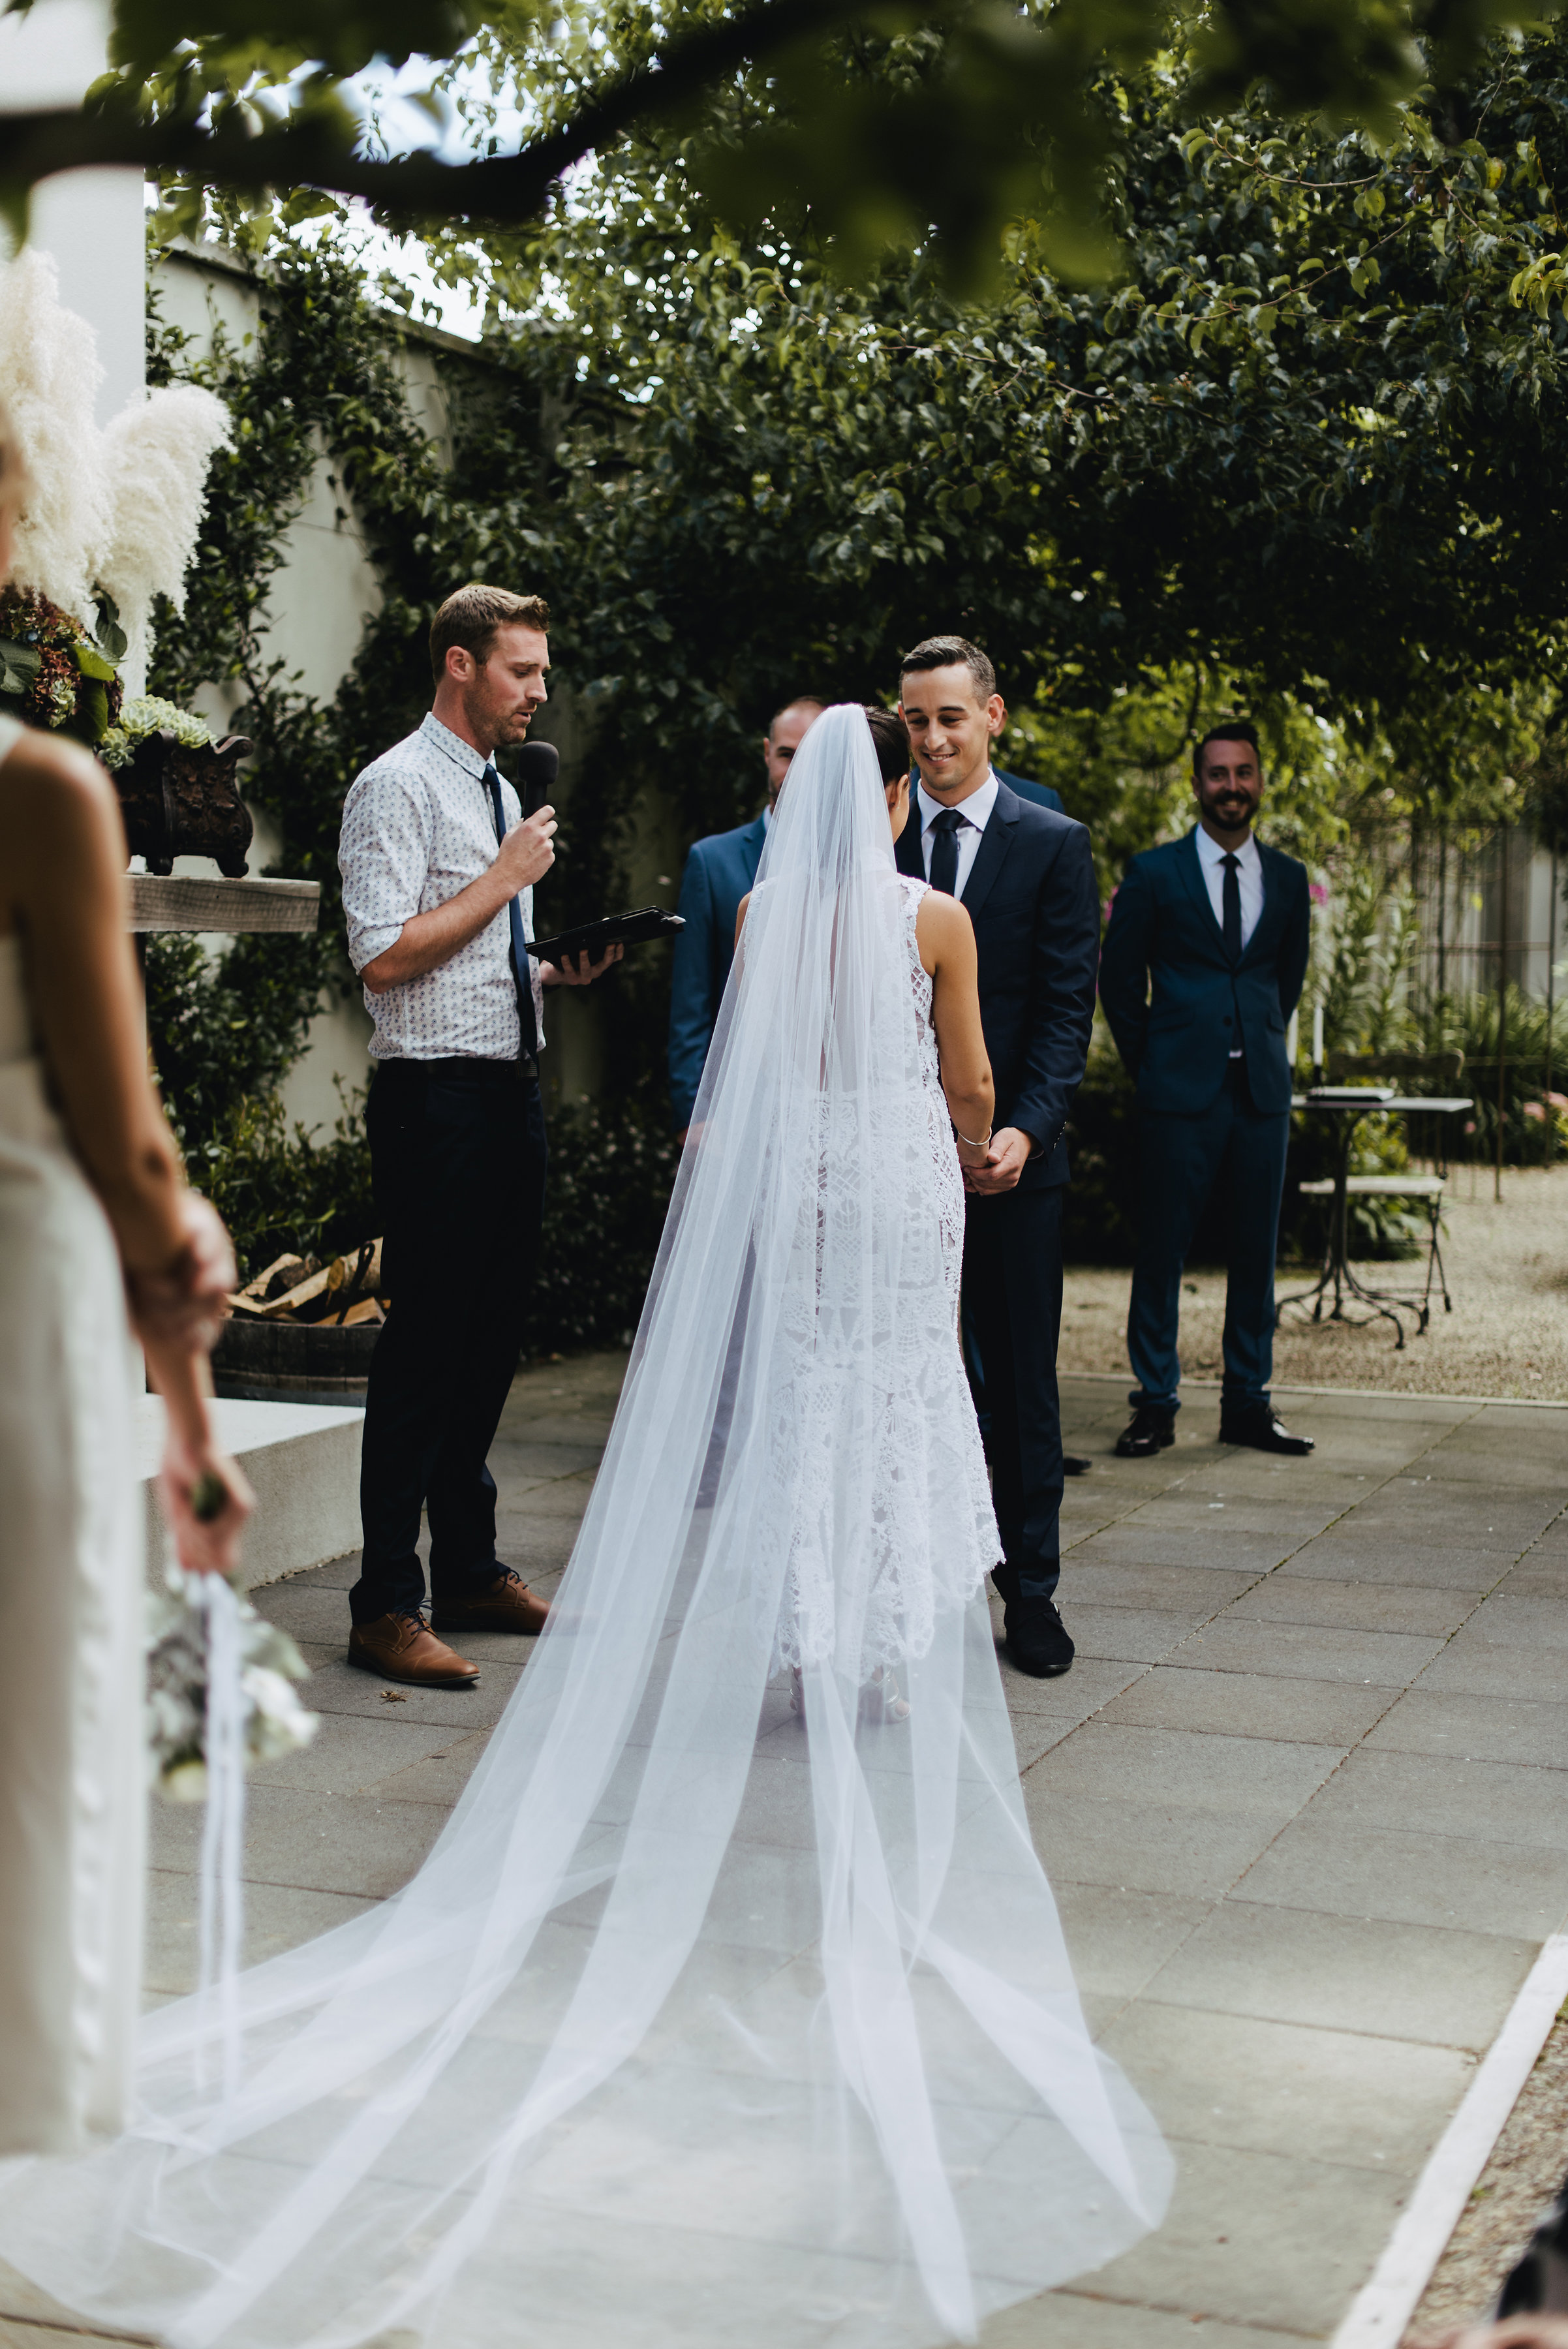 Real Wedding: Olivia & Simon - Photography by Nisha Ravji - Together ...